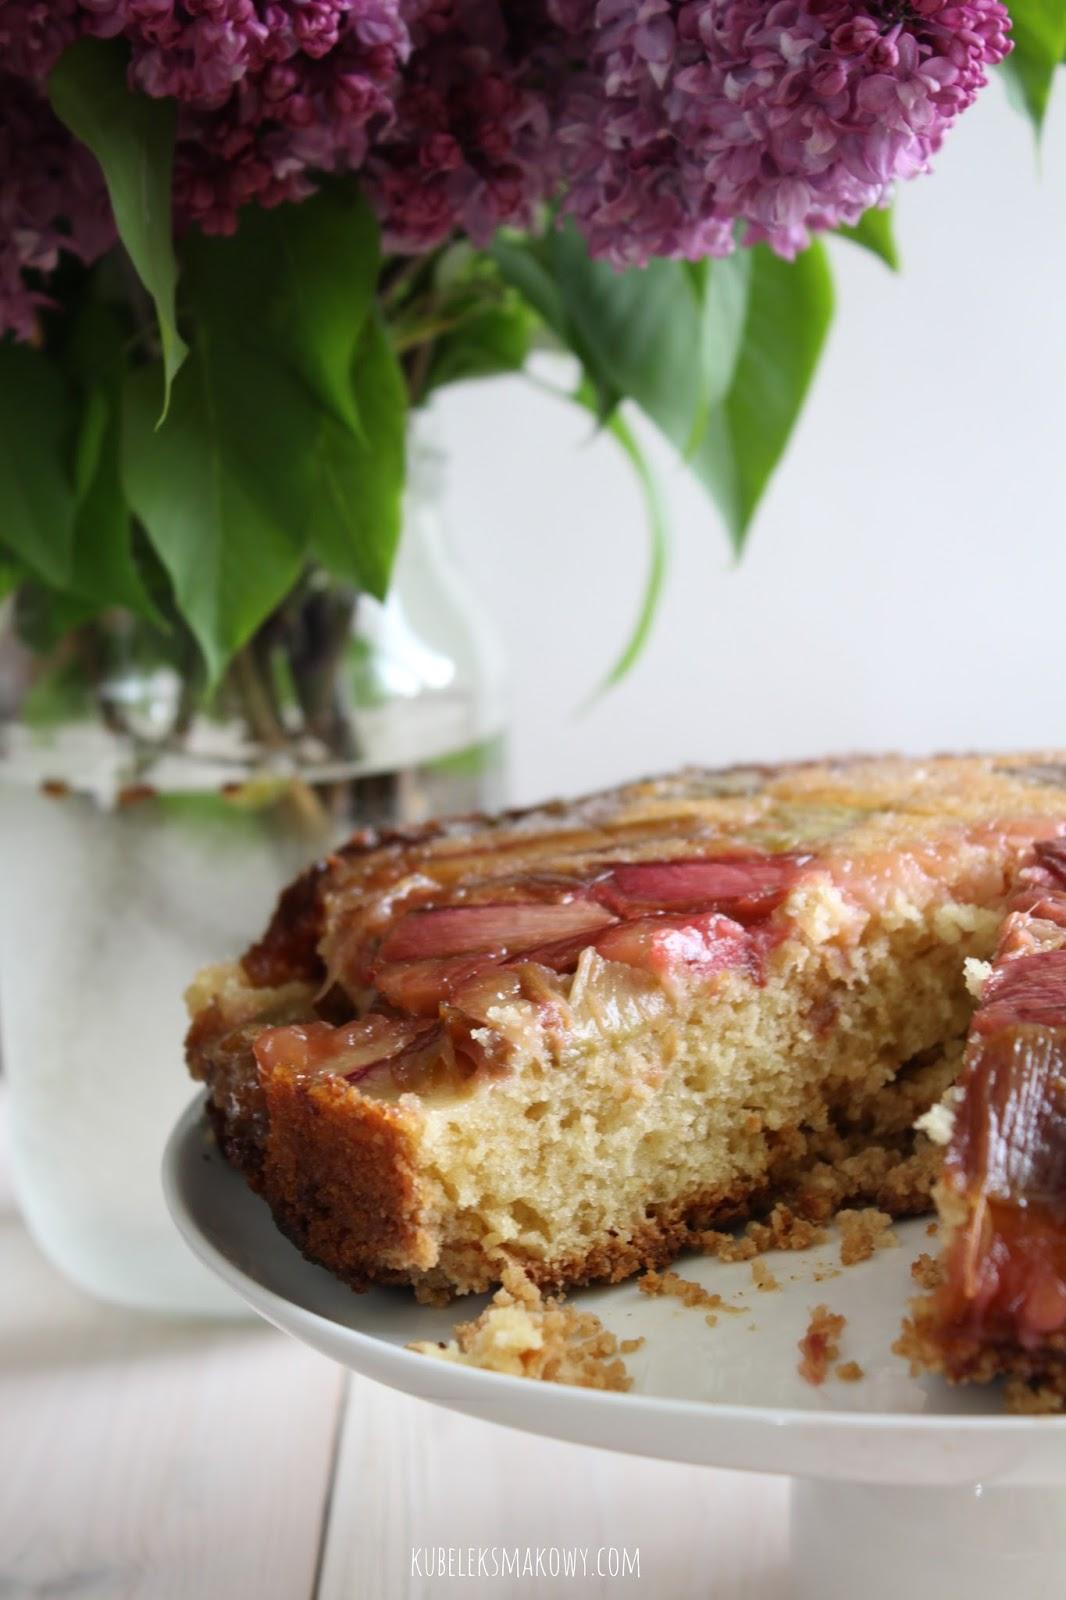 odwracane ciasto ucierane z rabarbarem i kruszonką - przepis